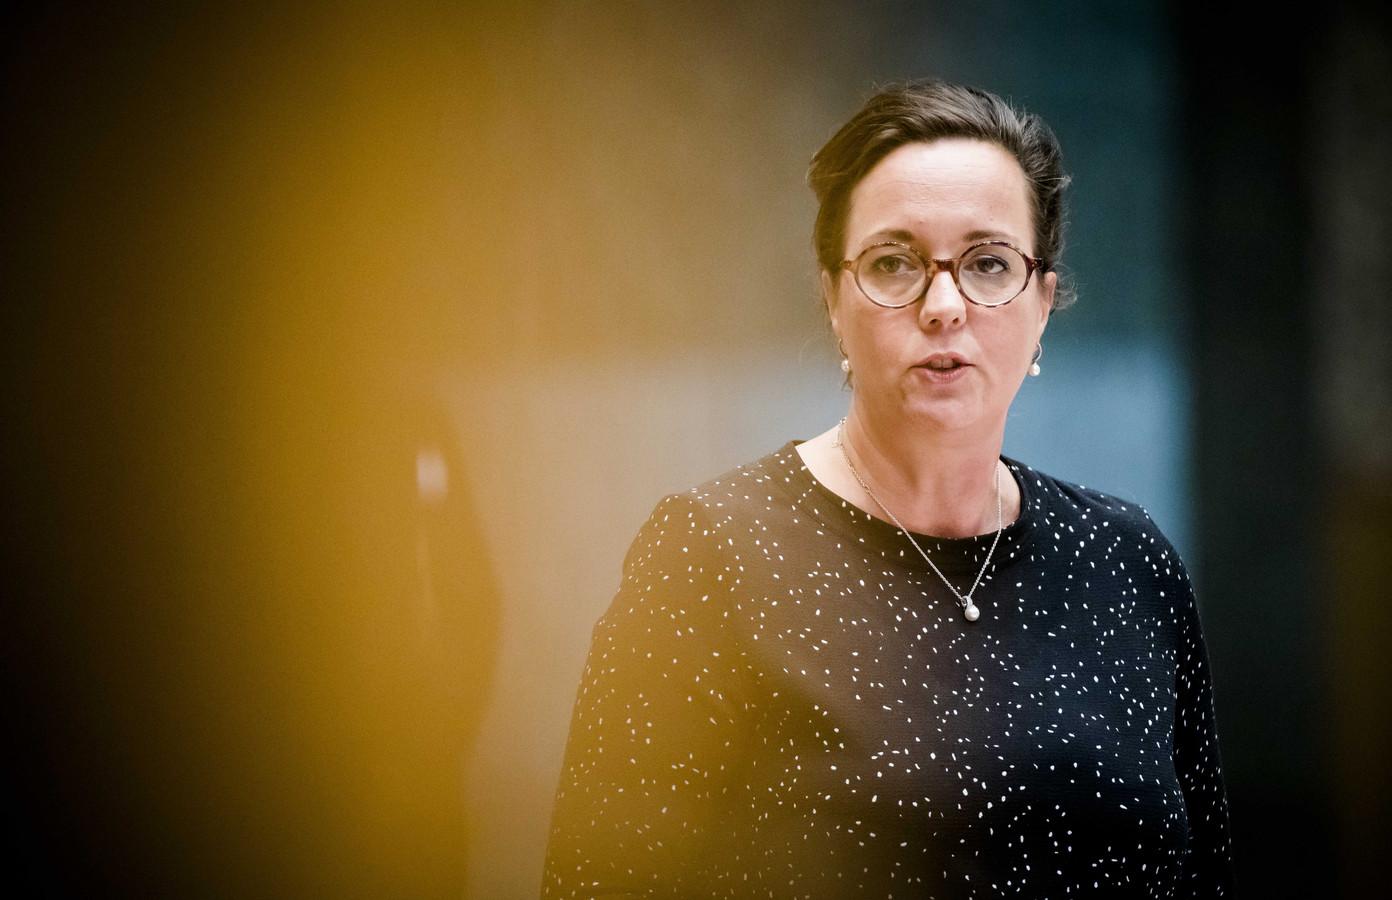 Staatssecretaris Tamara van Ark van Sociale Zaken en Werkgelegenheid (VVD) tijdens het wekelijkse vragenuurtje.